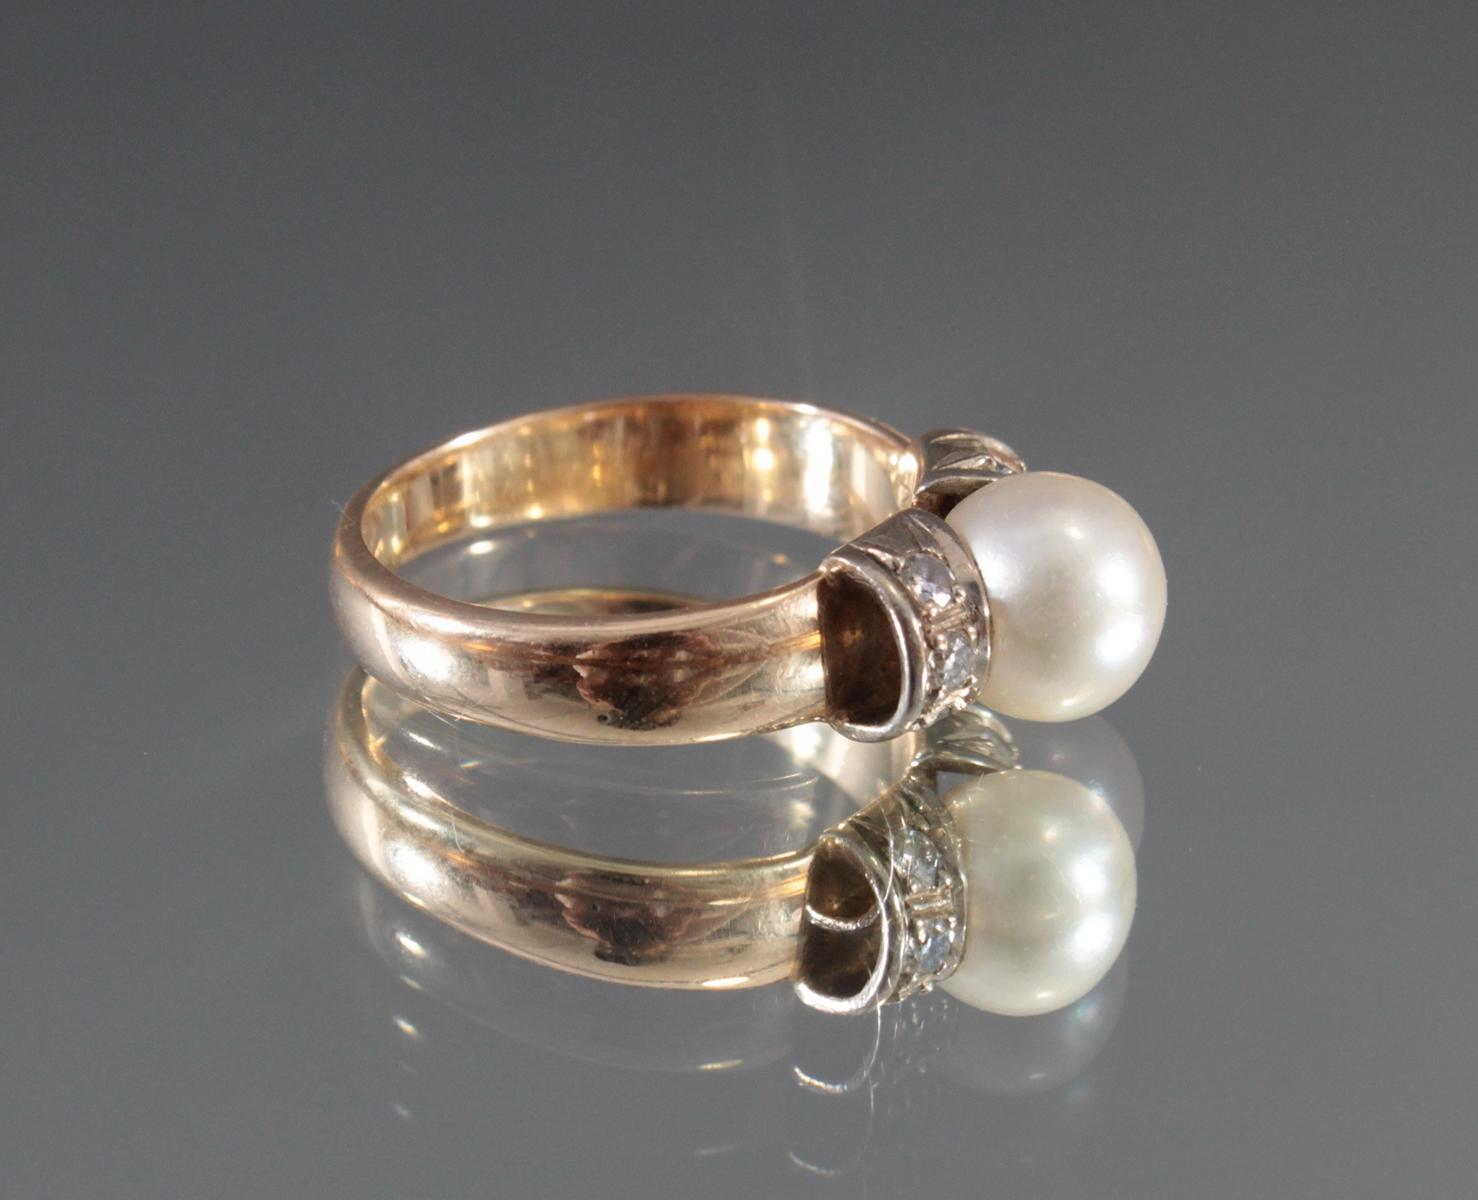 Damenring mit Perle und Diamanten aus 14 Karat Gelbgold-2